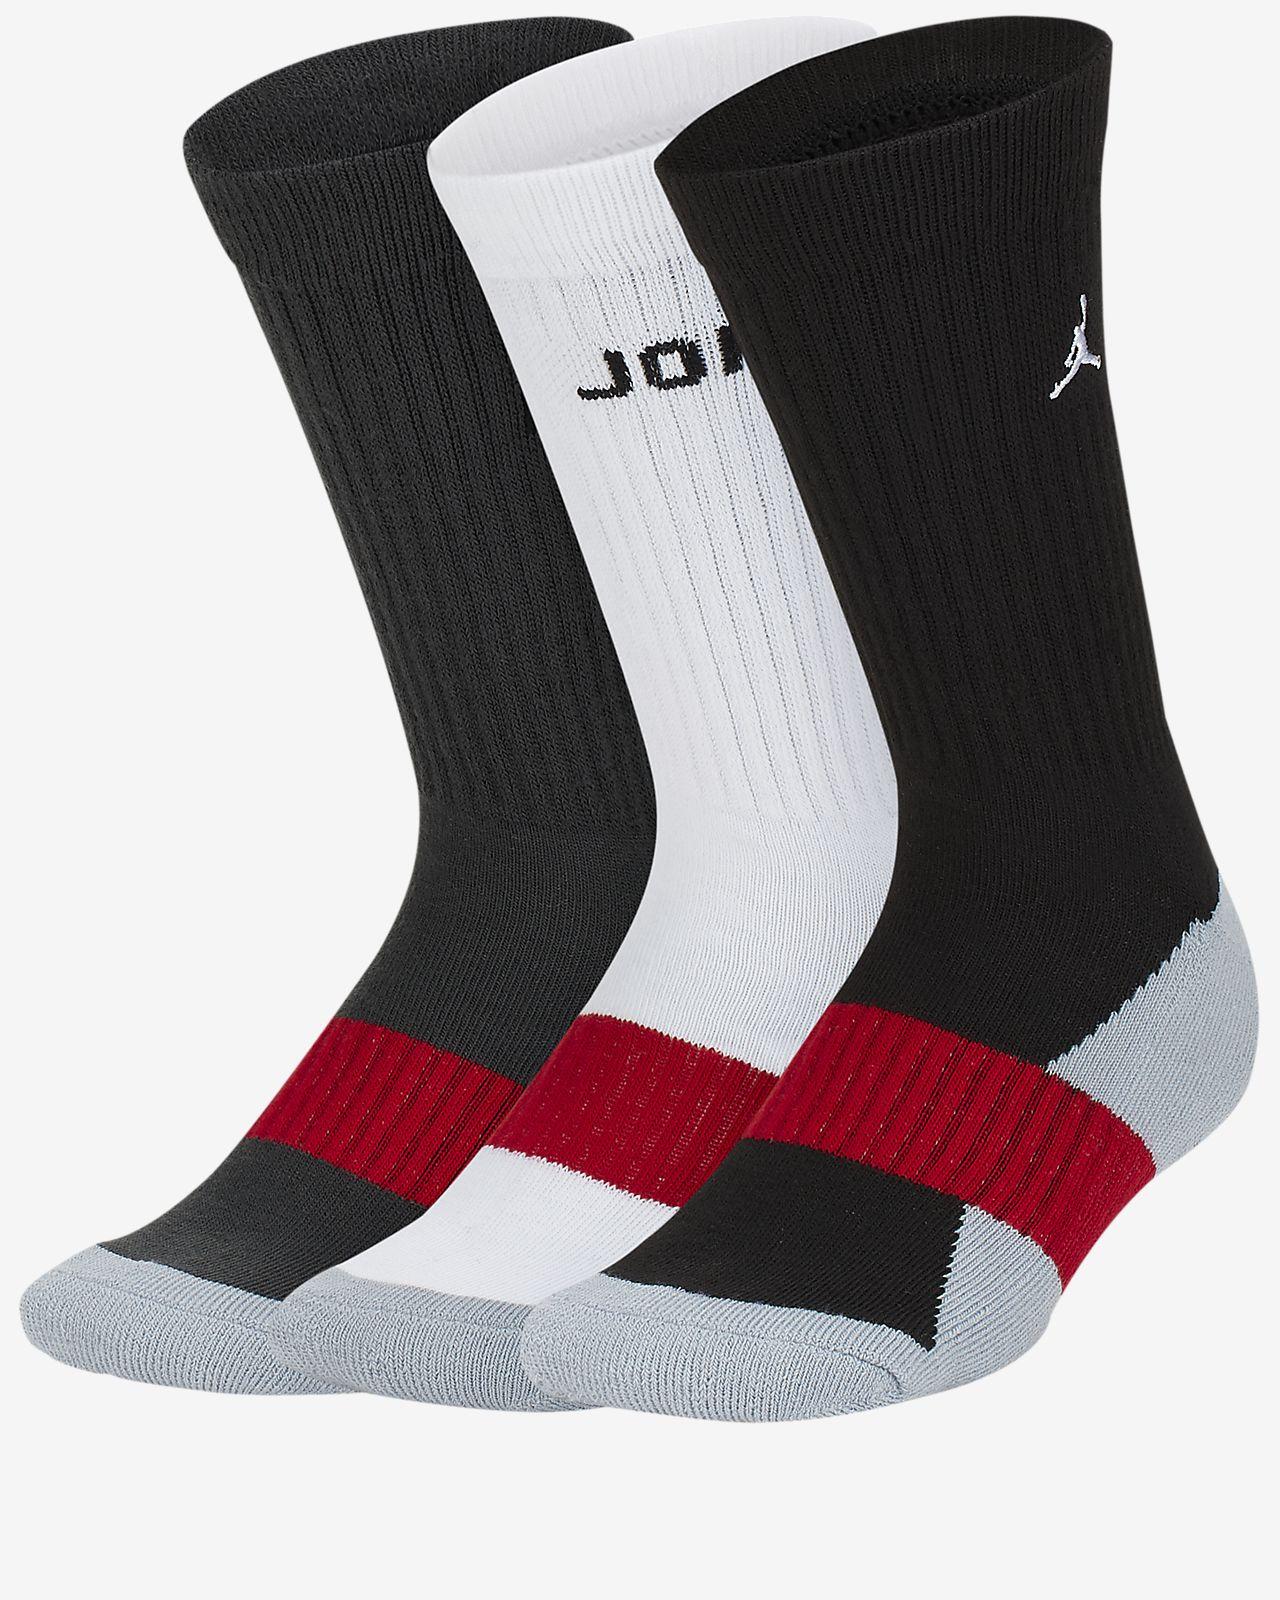 Jordan Crew sokken met demping voor jongens (3 paar)